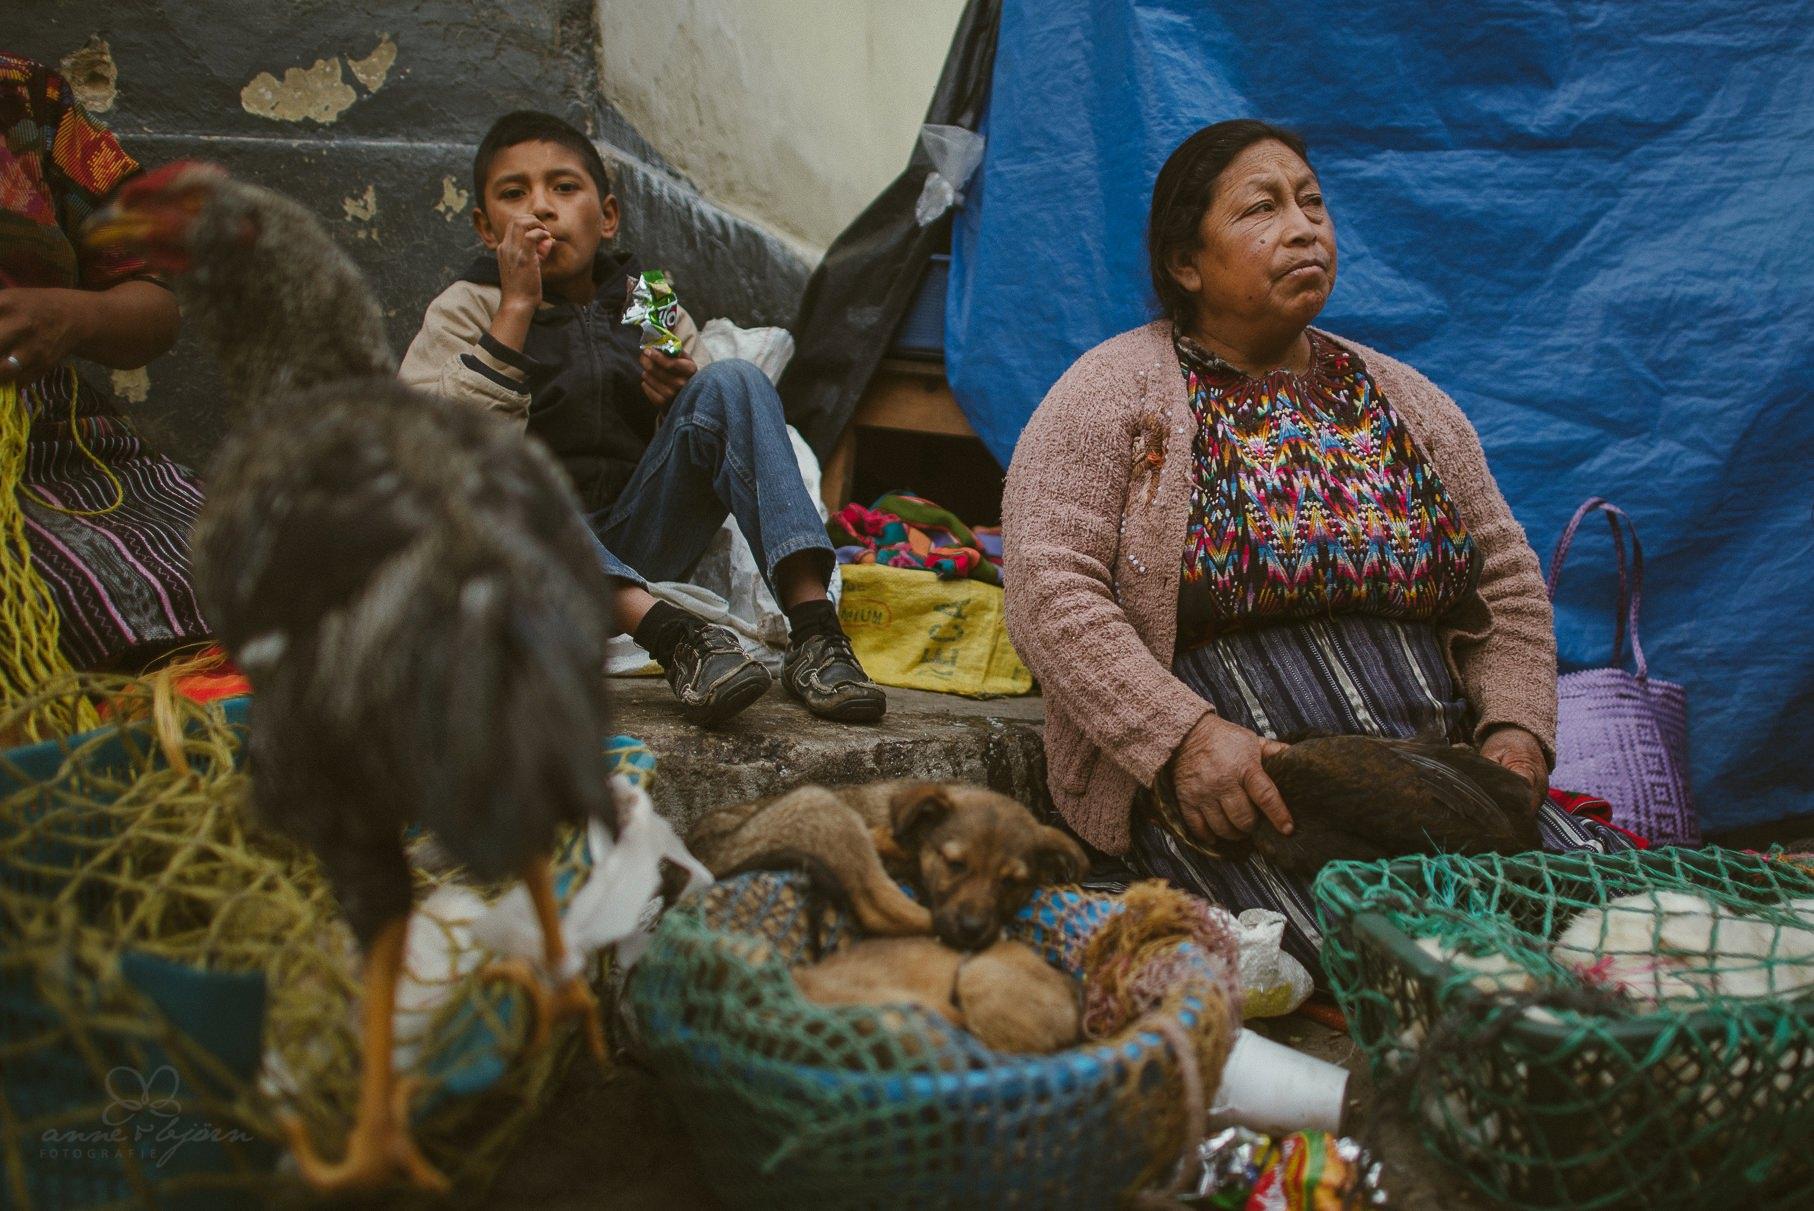 0129 anne und bjoern guatemala d75 2573 - 4 Wochen durch Guatemala - backpacking durch Mittelamerika